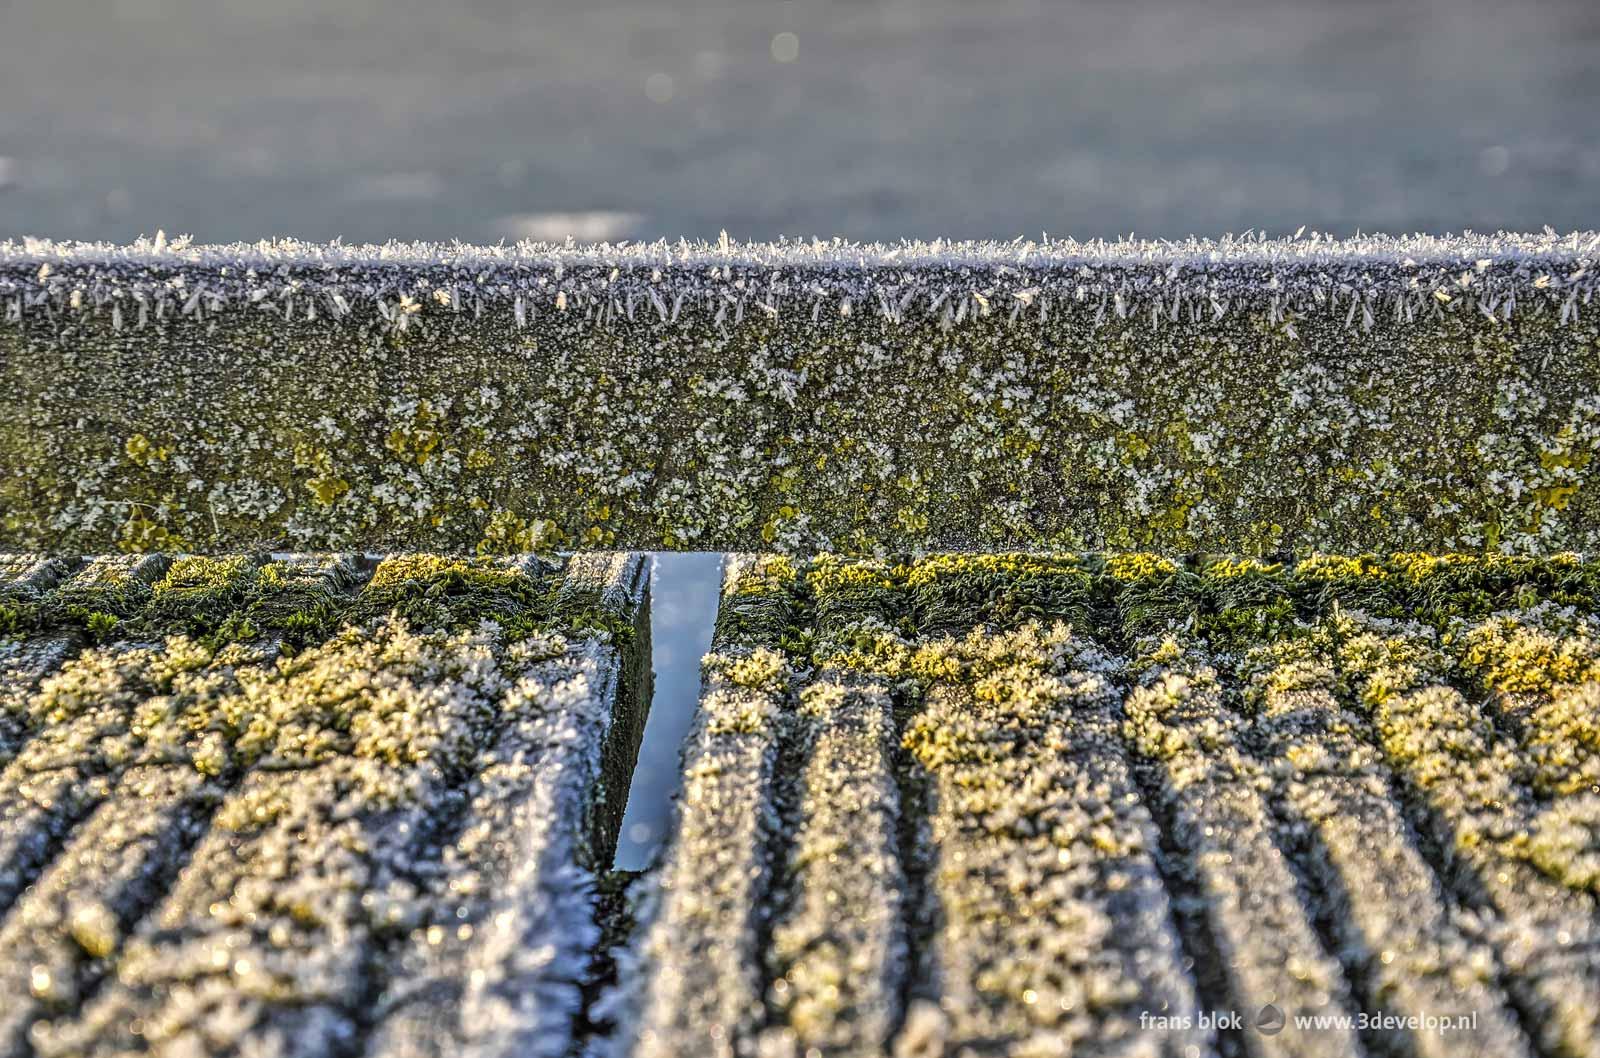 Winters beeld van een houten vlonder op de Kralingse Plas in Rotterdam, bedekt met mos en rijp